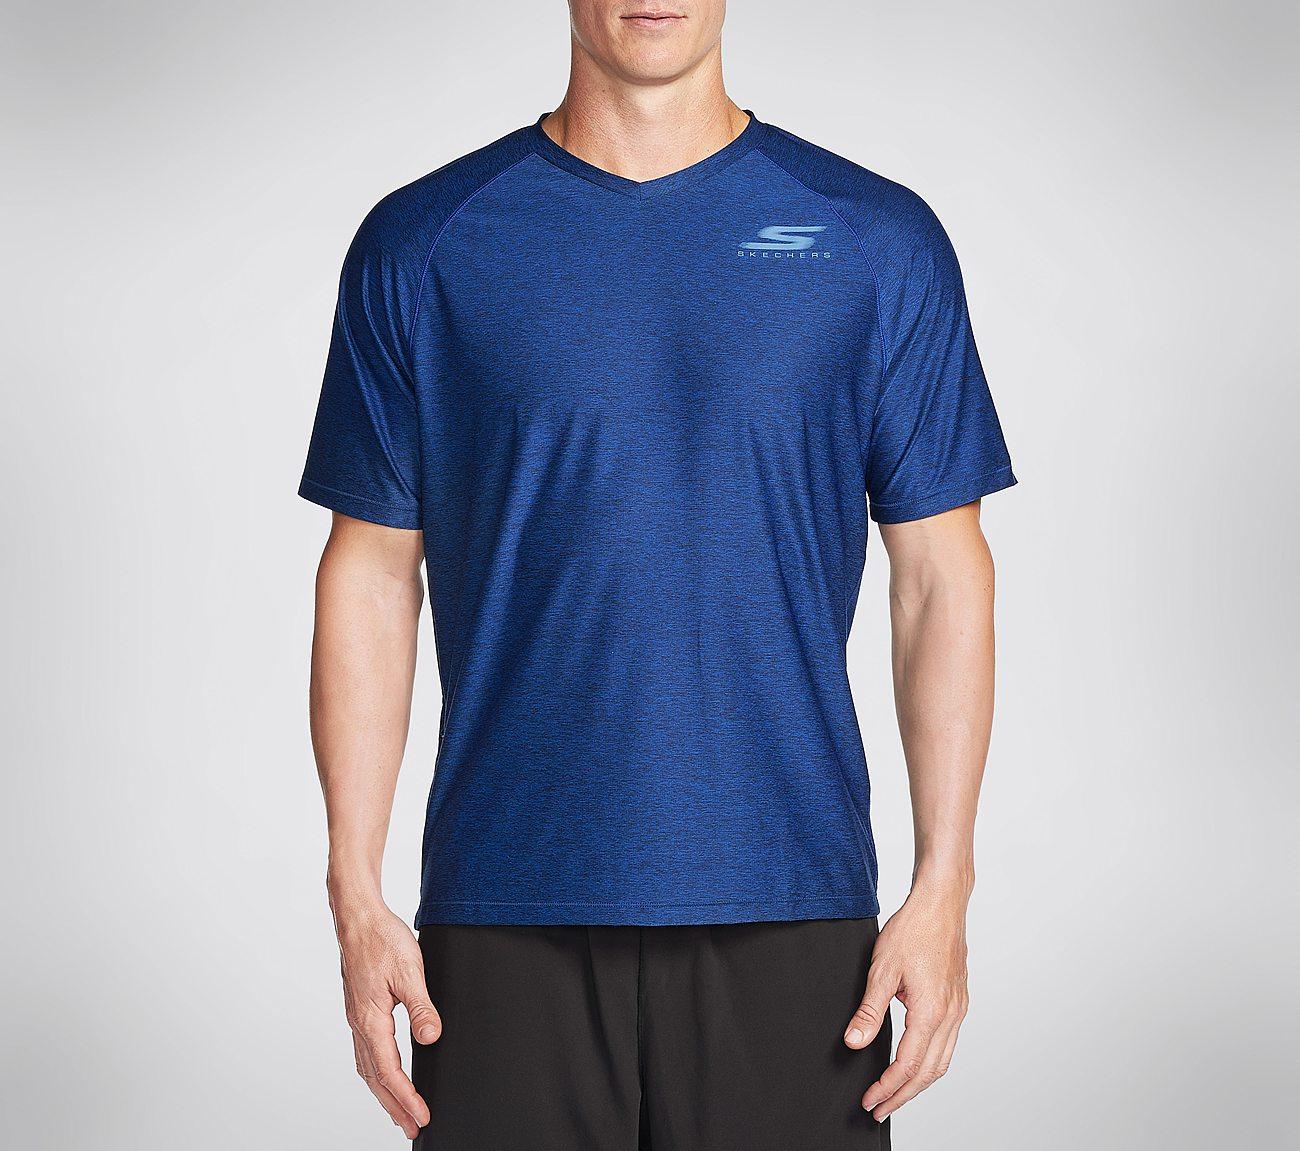 Eclipse V-Neck Tee Shirt